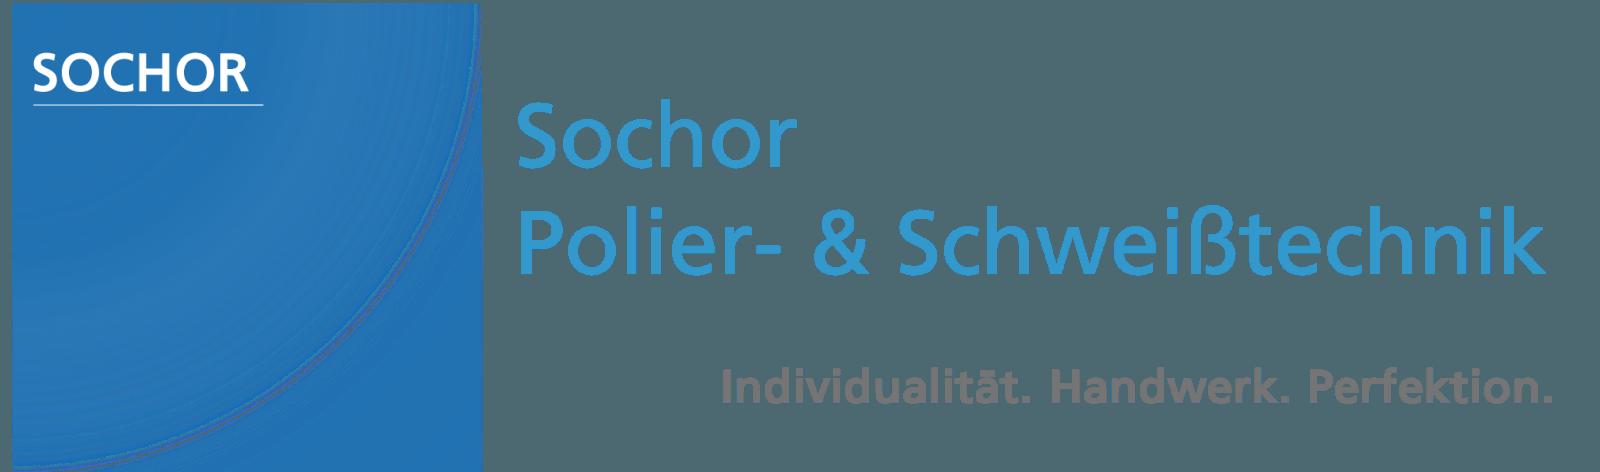 Sochor Polier- & Schweißtechnik